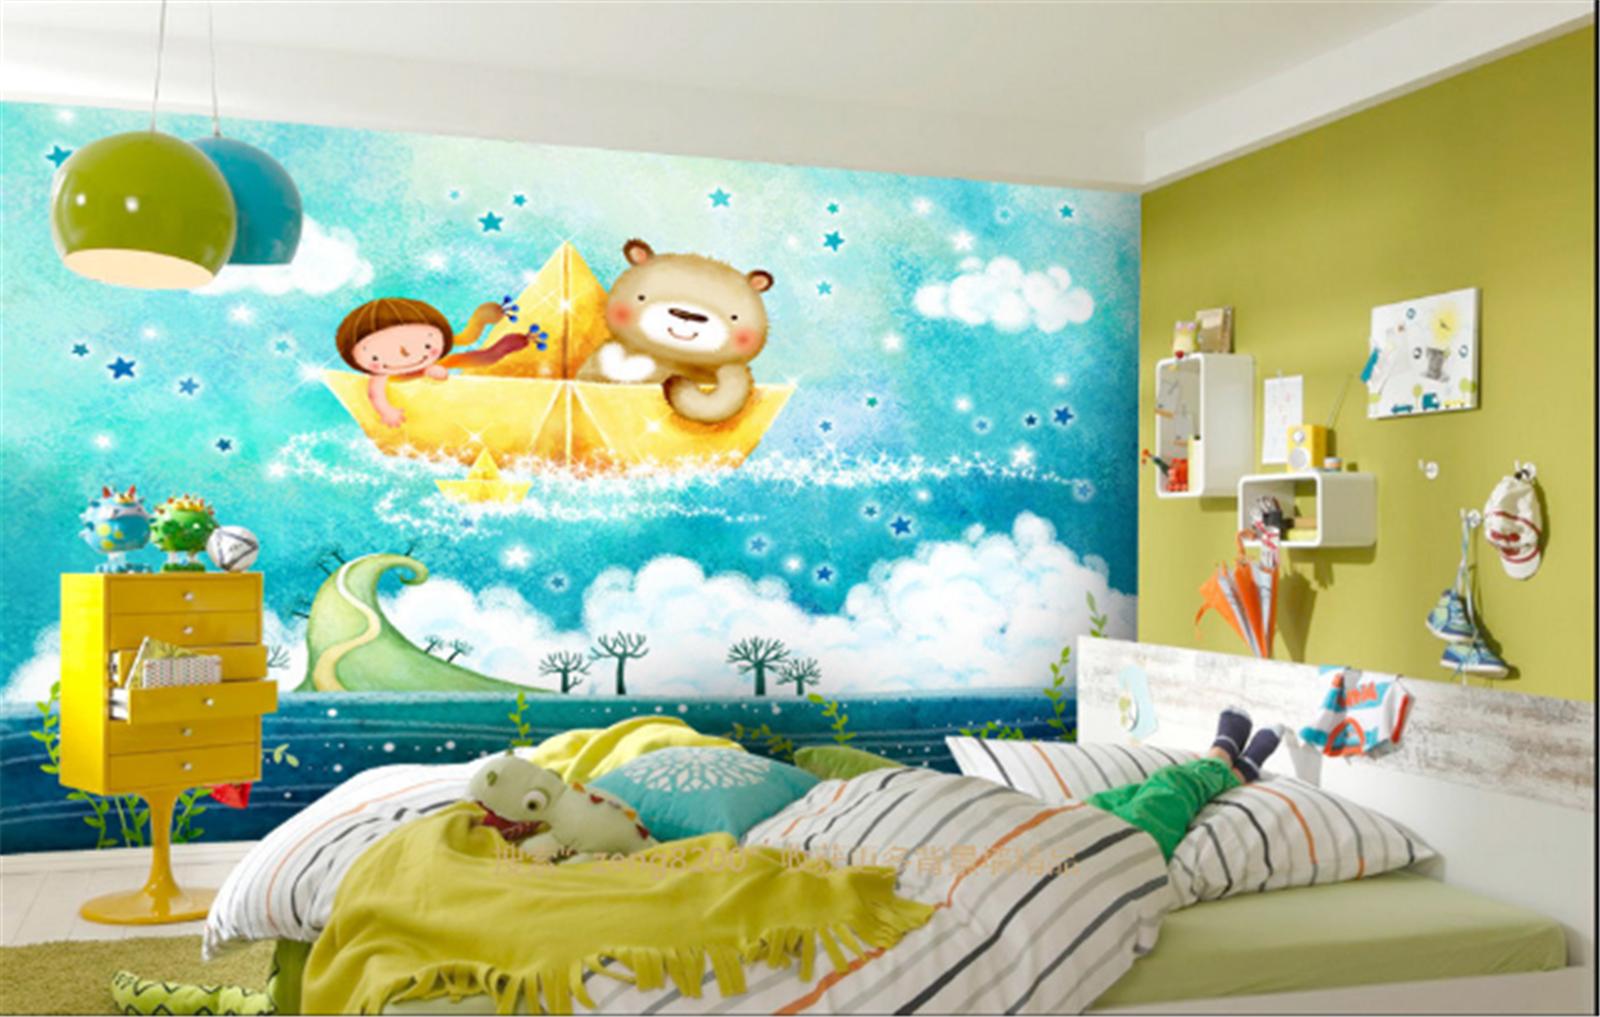 3D Ozean Segeln Bär Kind 933 Tapete Wandgemälde Tapeten Bild Familie DE Lemon  | Authentisch  | Charakteristisch  | Louis, ausführlich